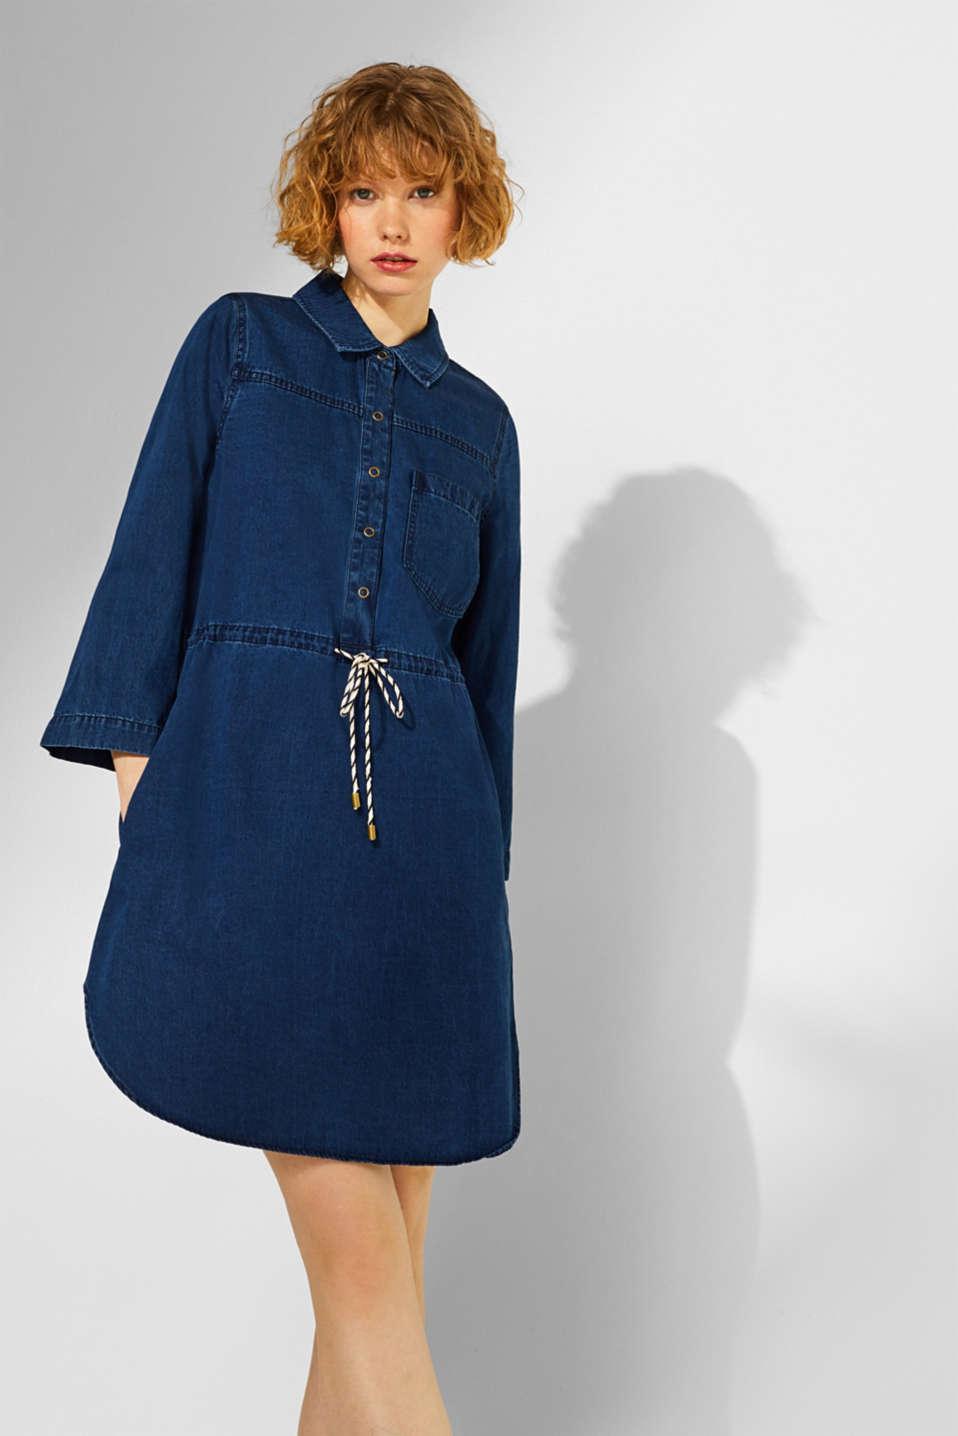 Dresses denim, BLUE DARK WASH, detail image number 5